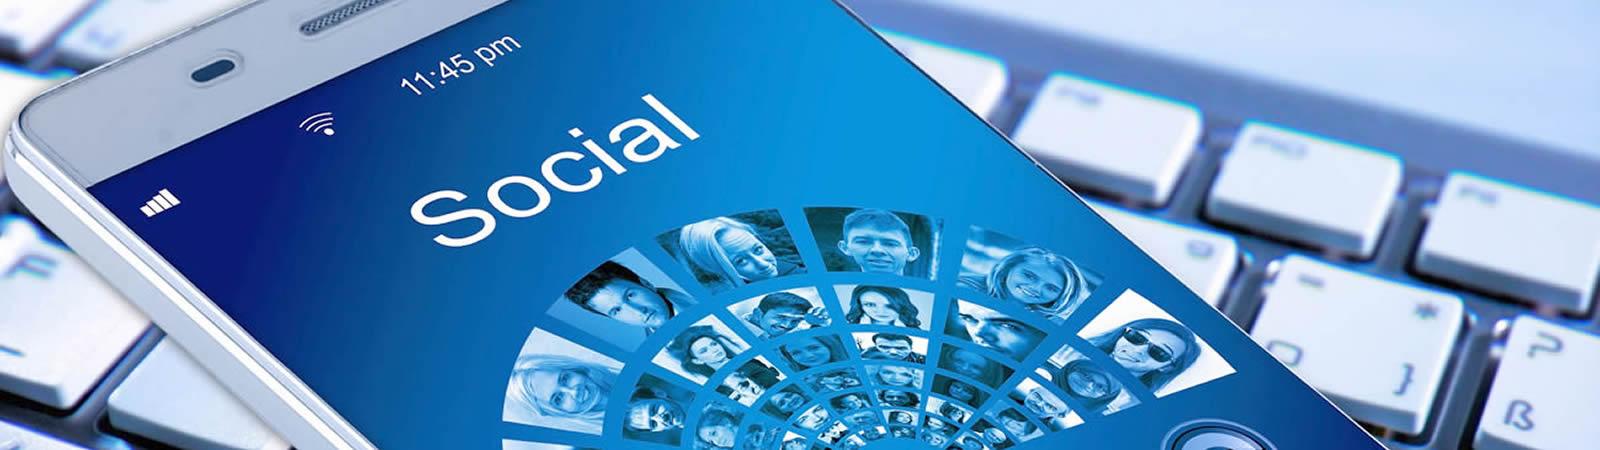 Redes Sociais para Gerar Negócios